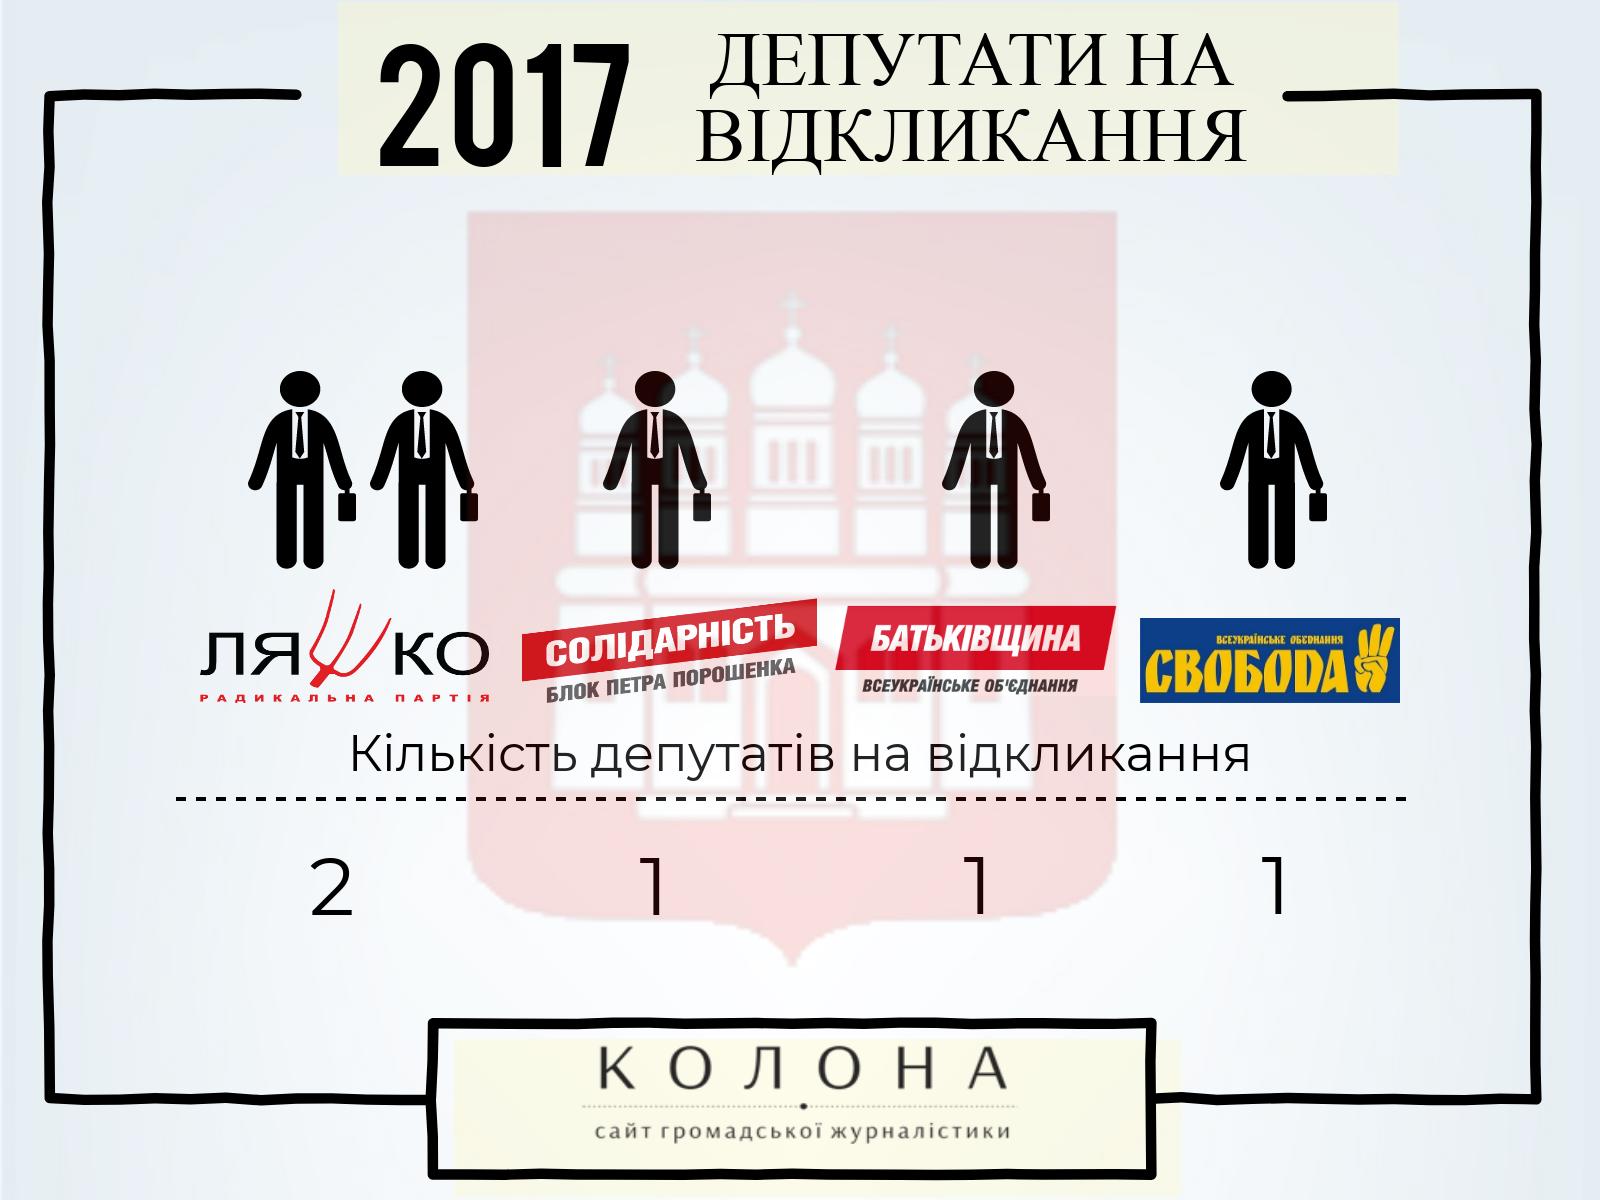 Депутати на відкликання Острозька міська рада 2017